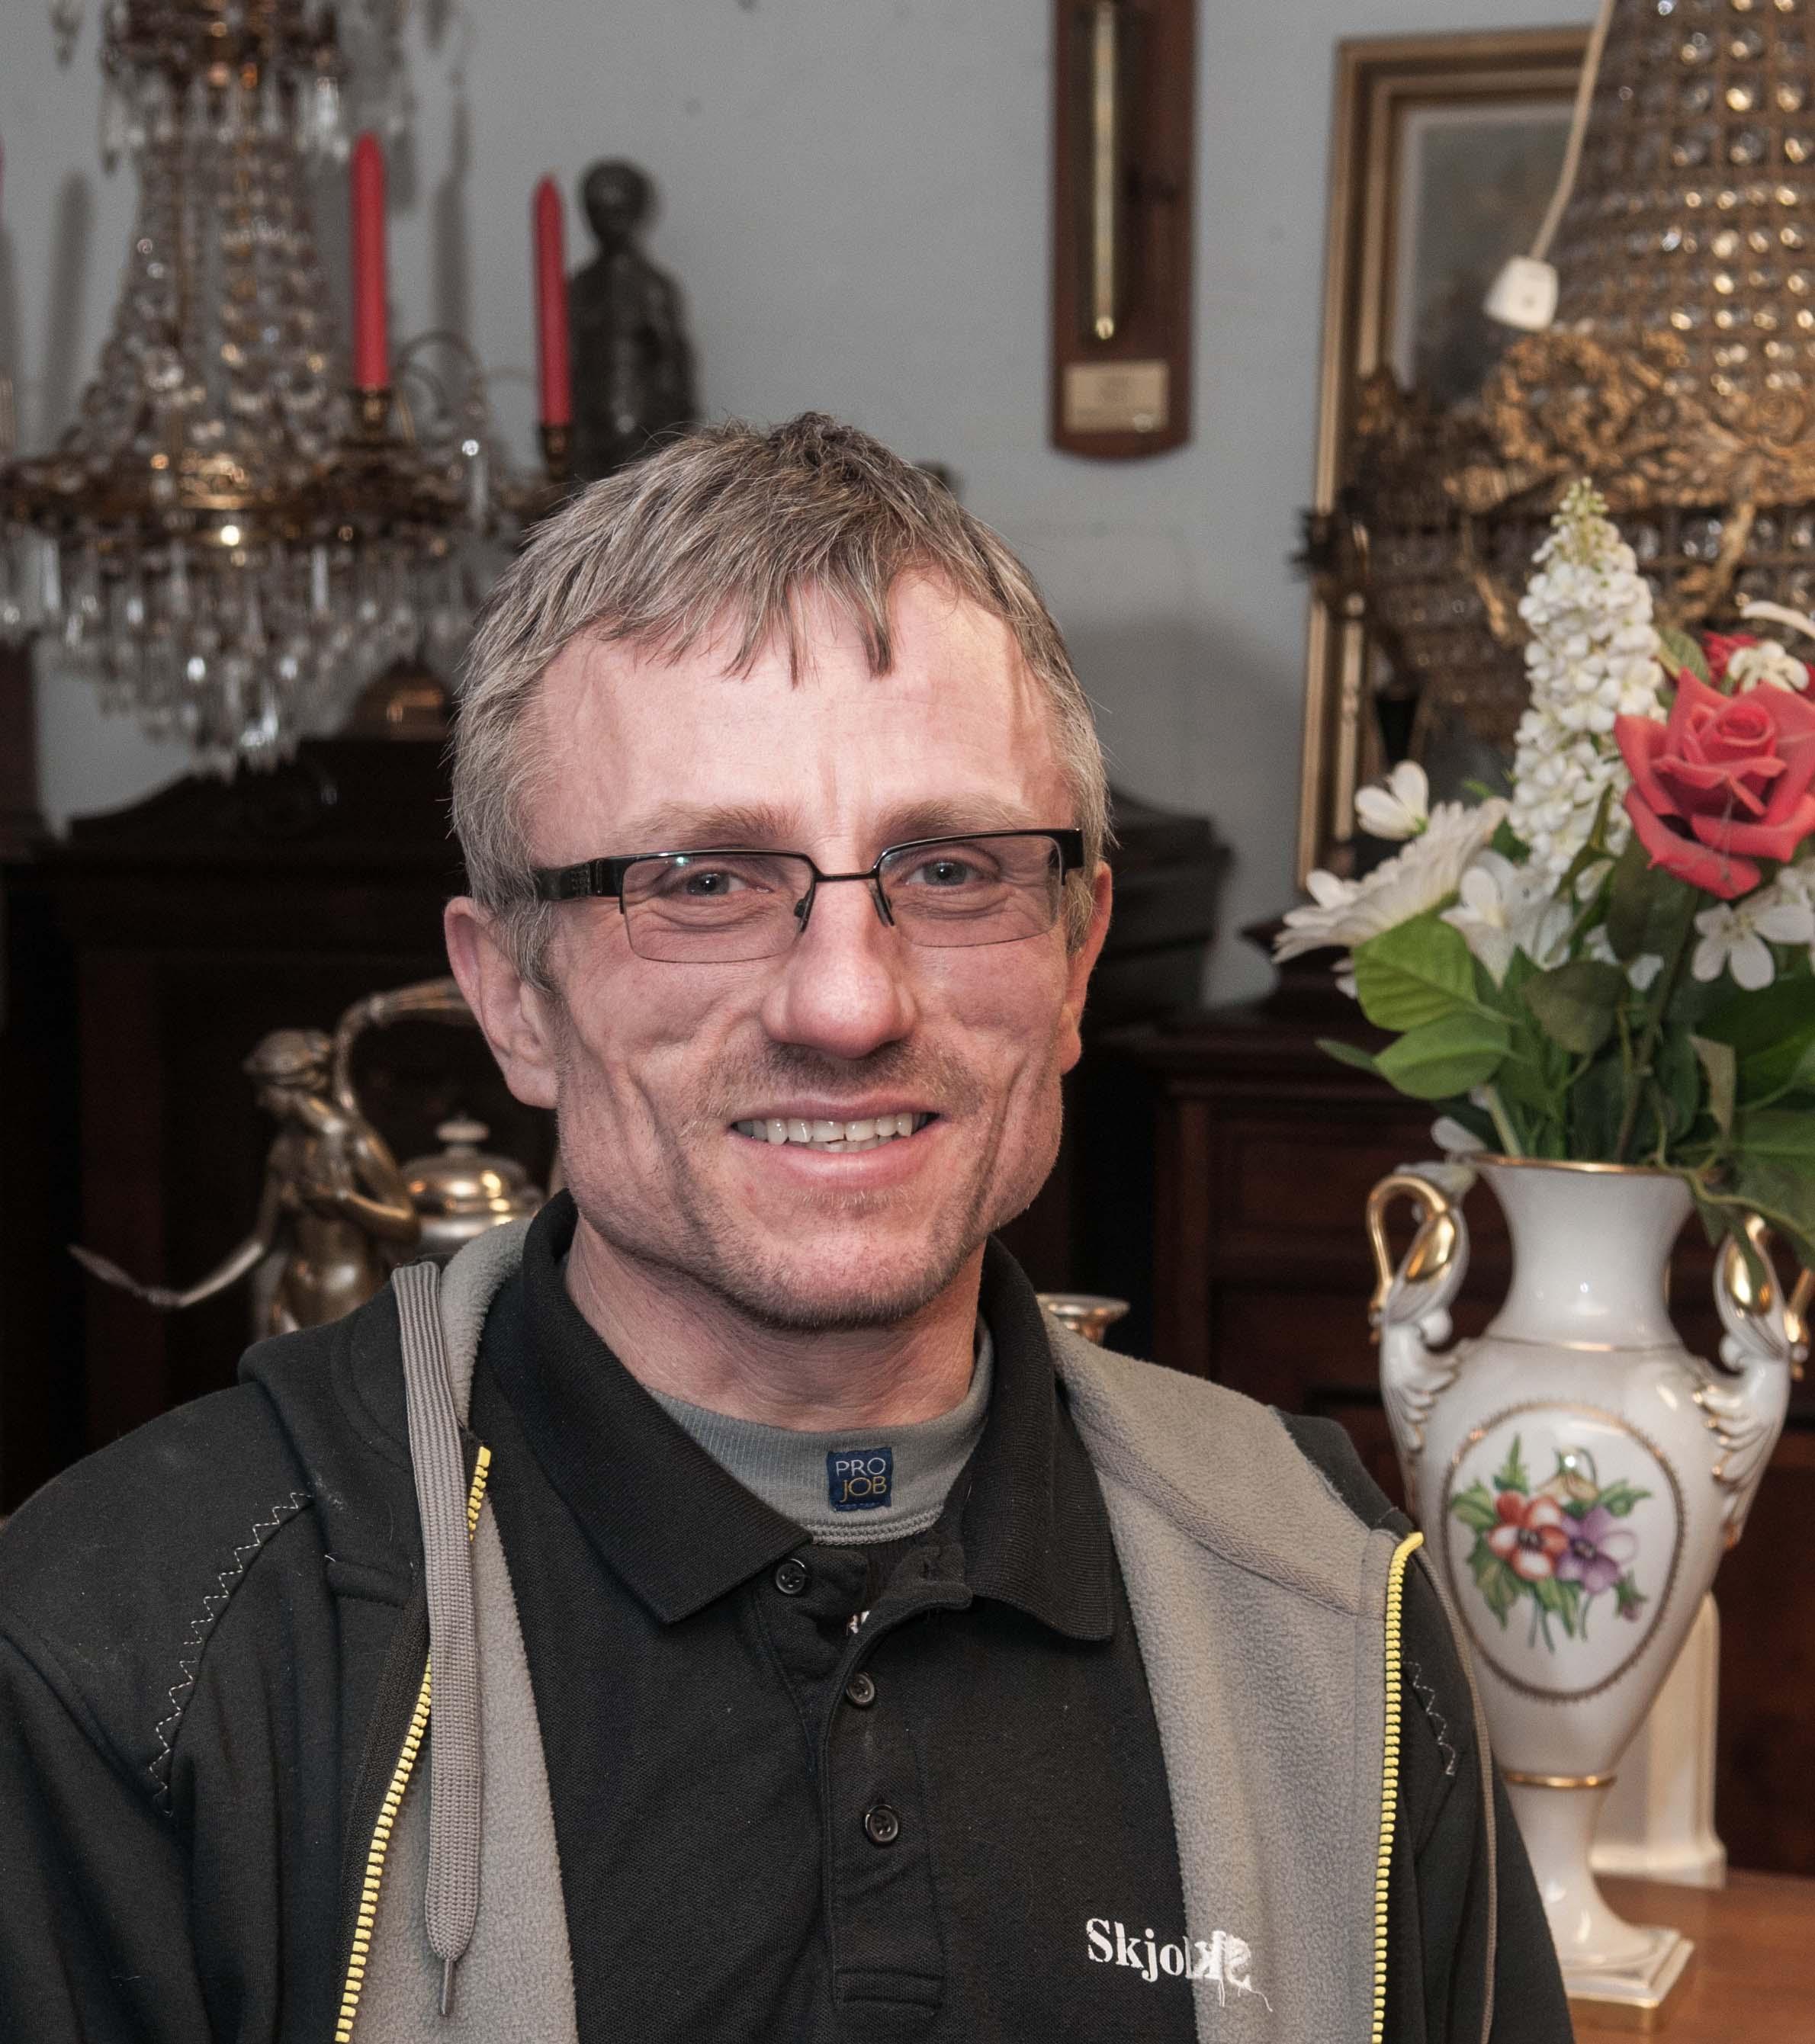 Søren Skjold